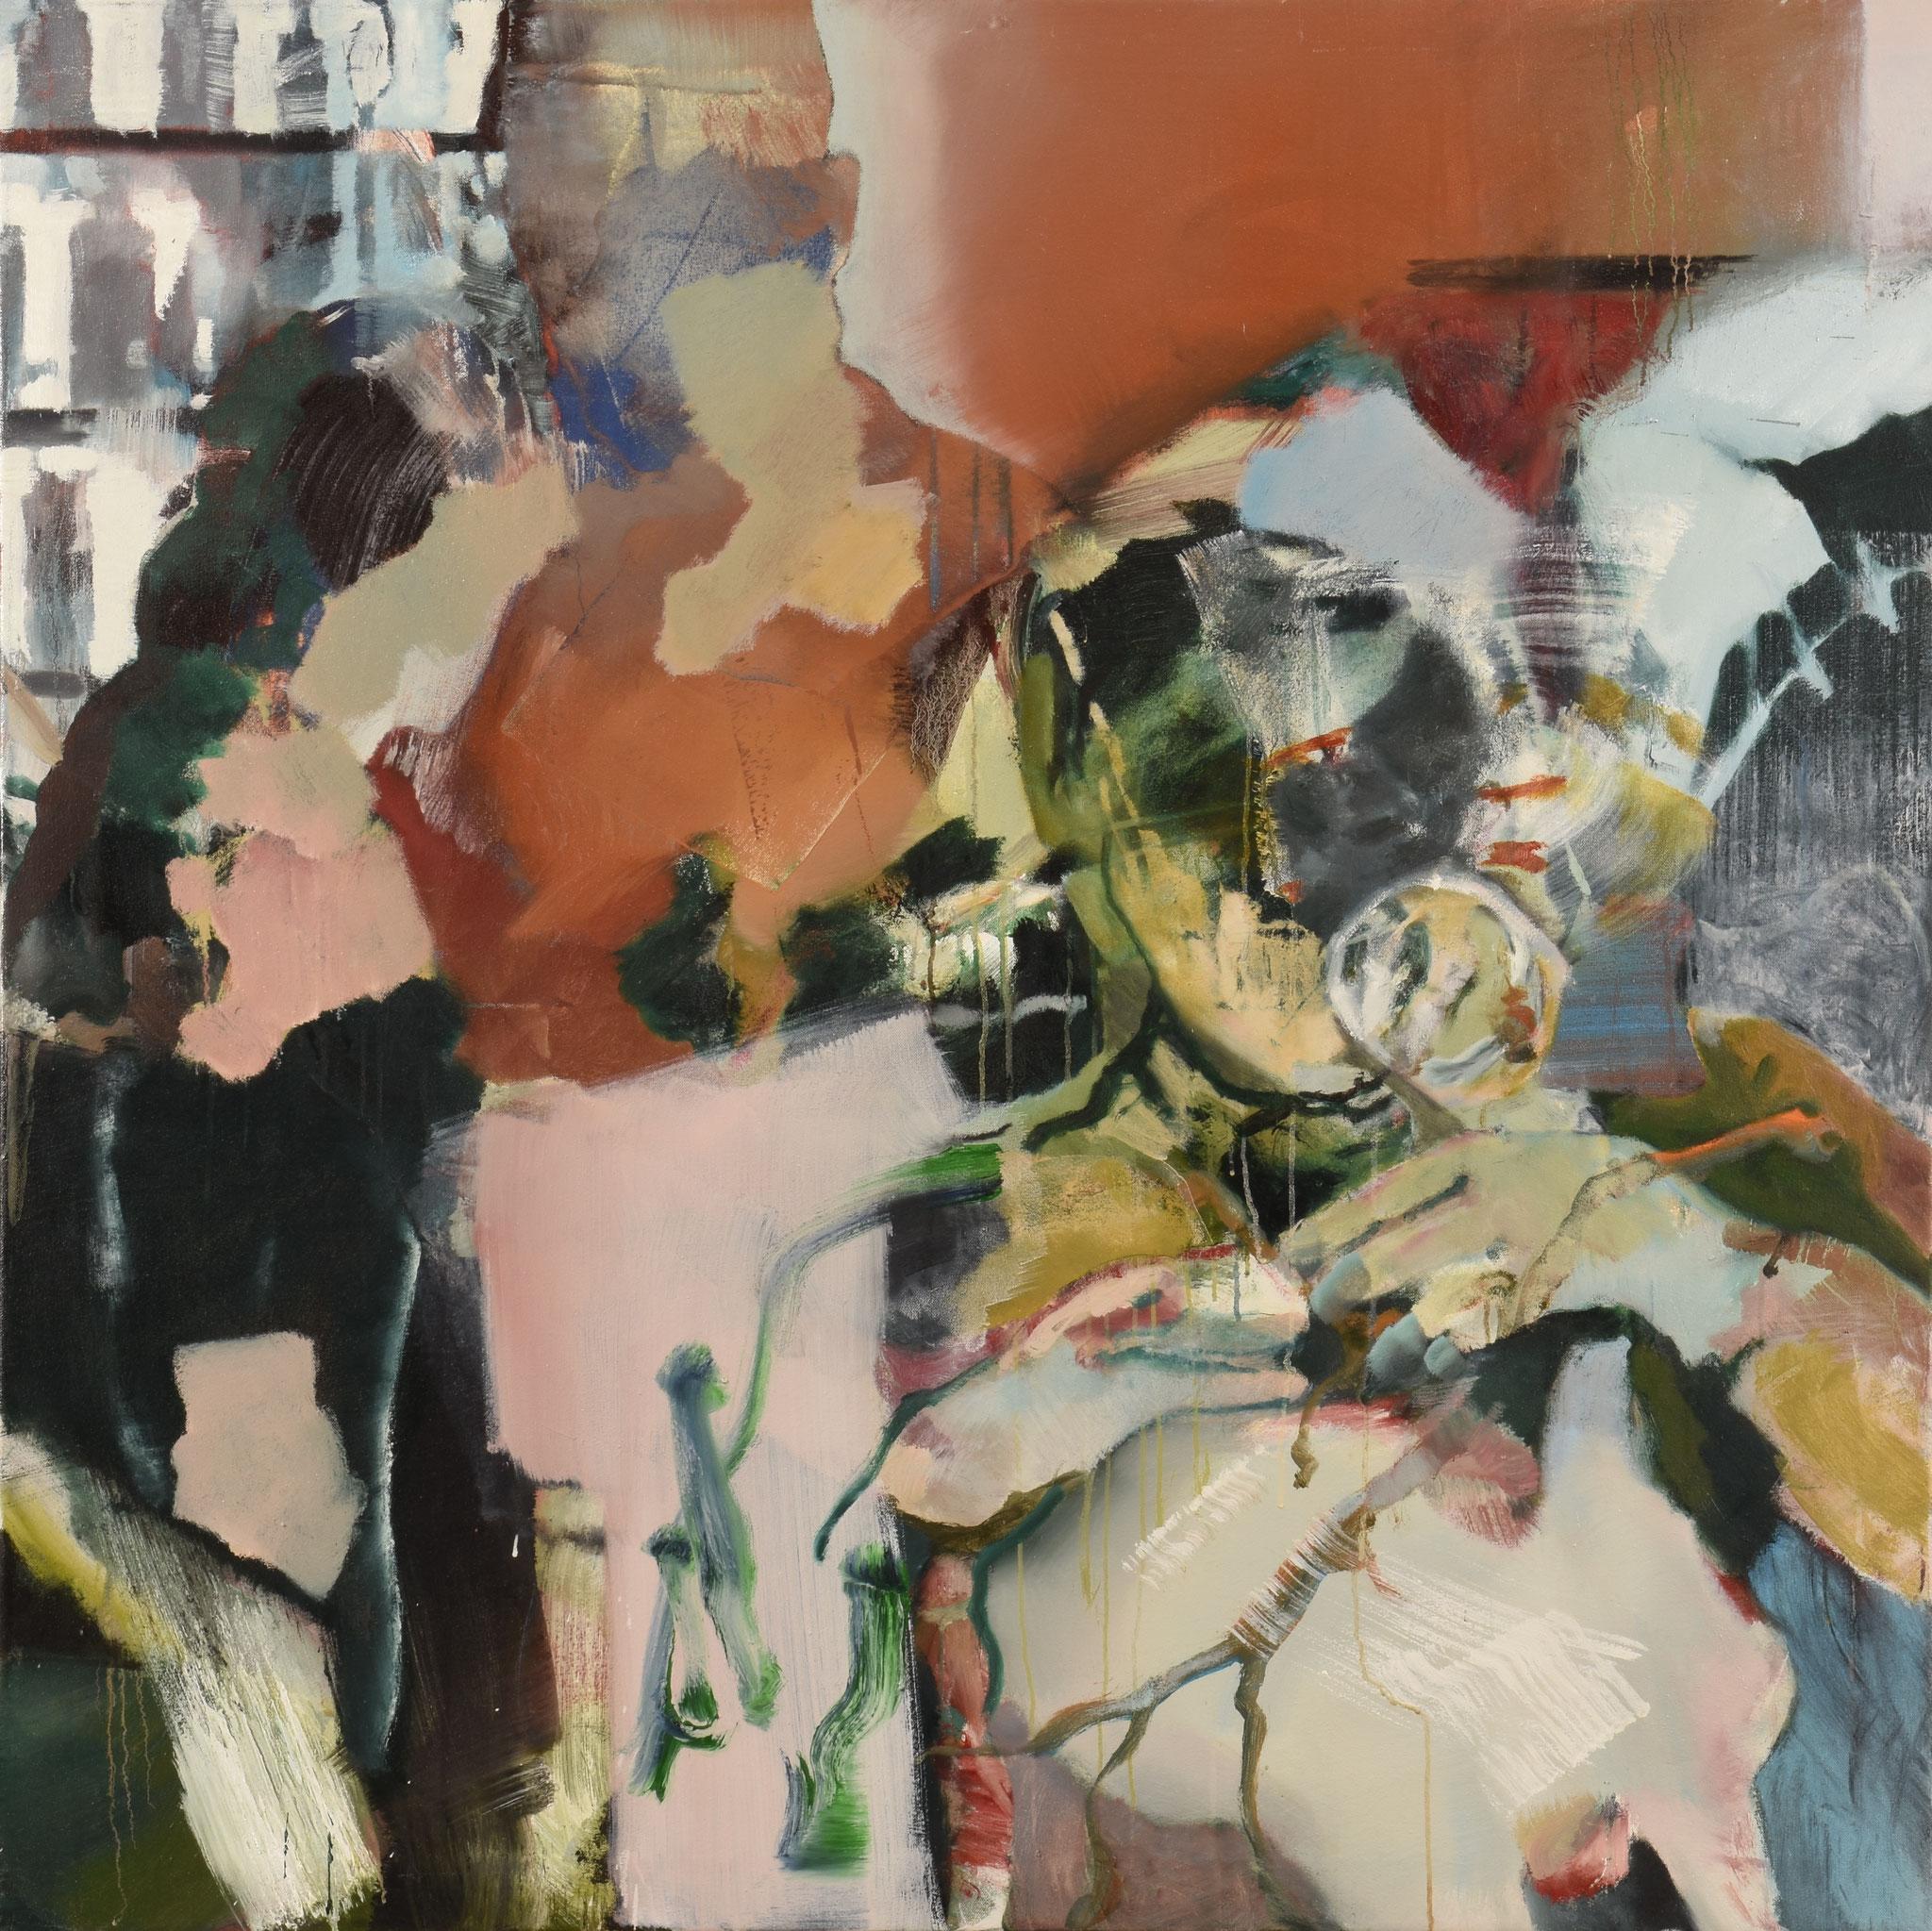 44  |  Ohne Titel   |  2016  |  Öl auf Leinwand  |  120 x 120 cm